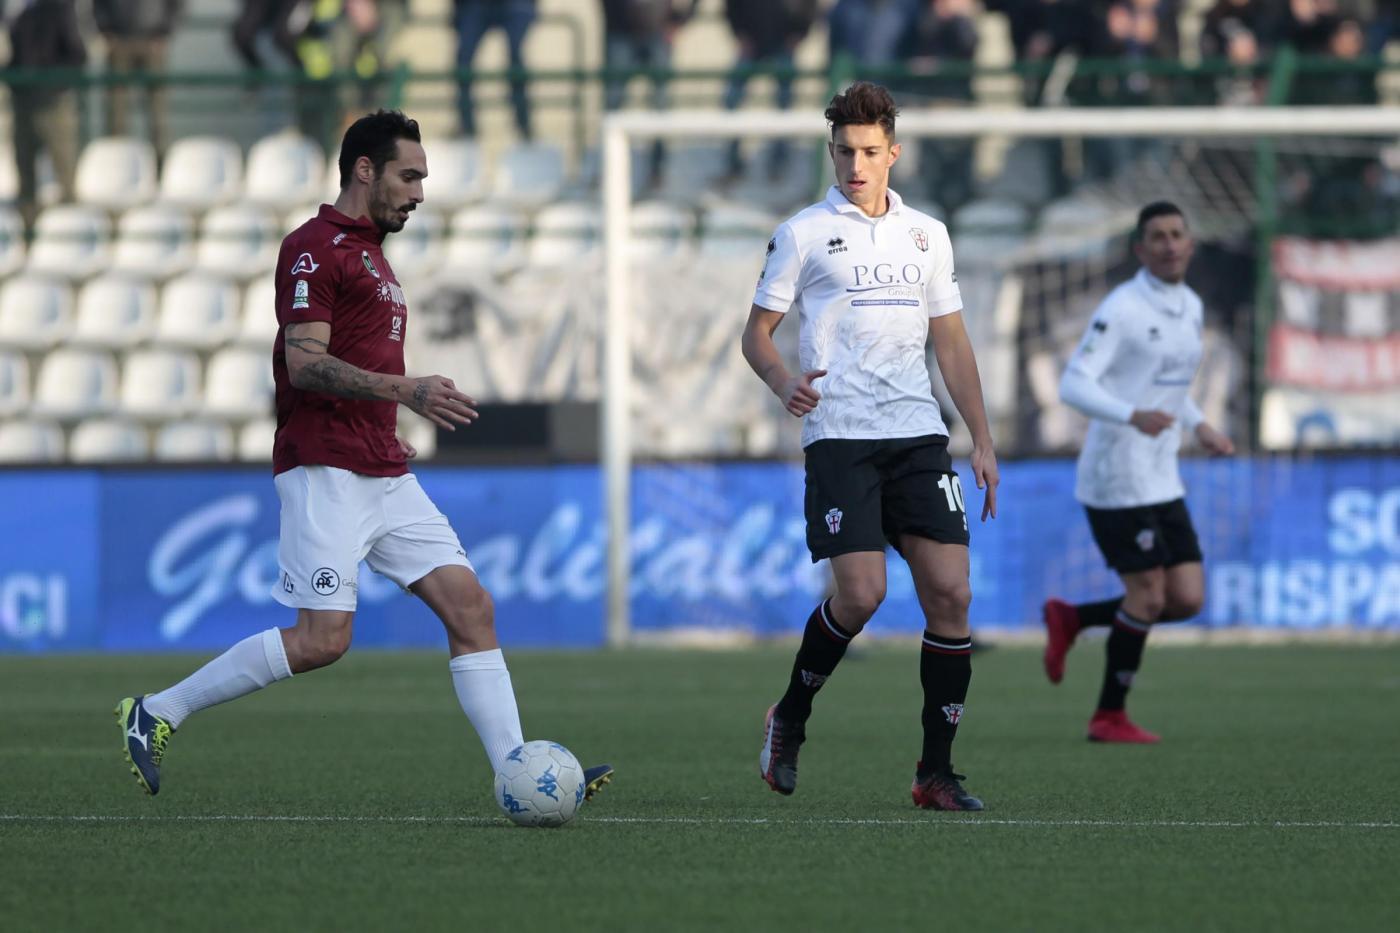 5daff6e15 Pro Vercelli vs Spezia Calcio